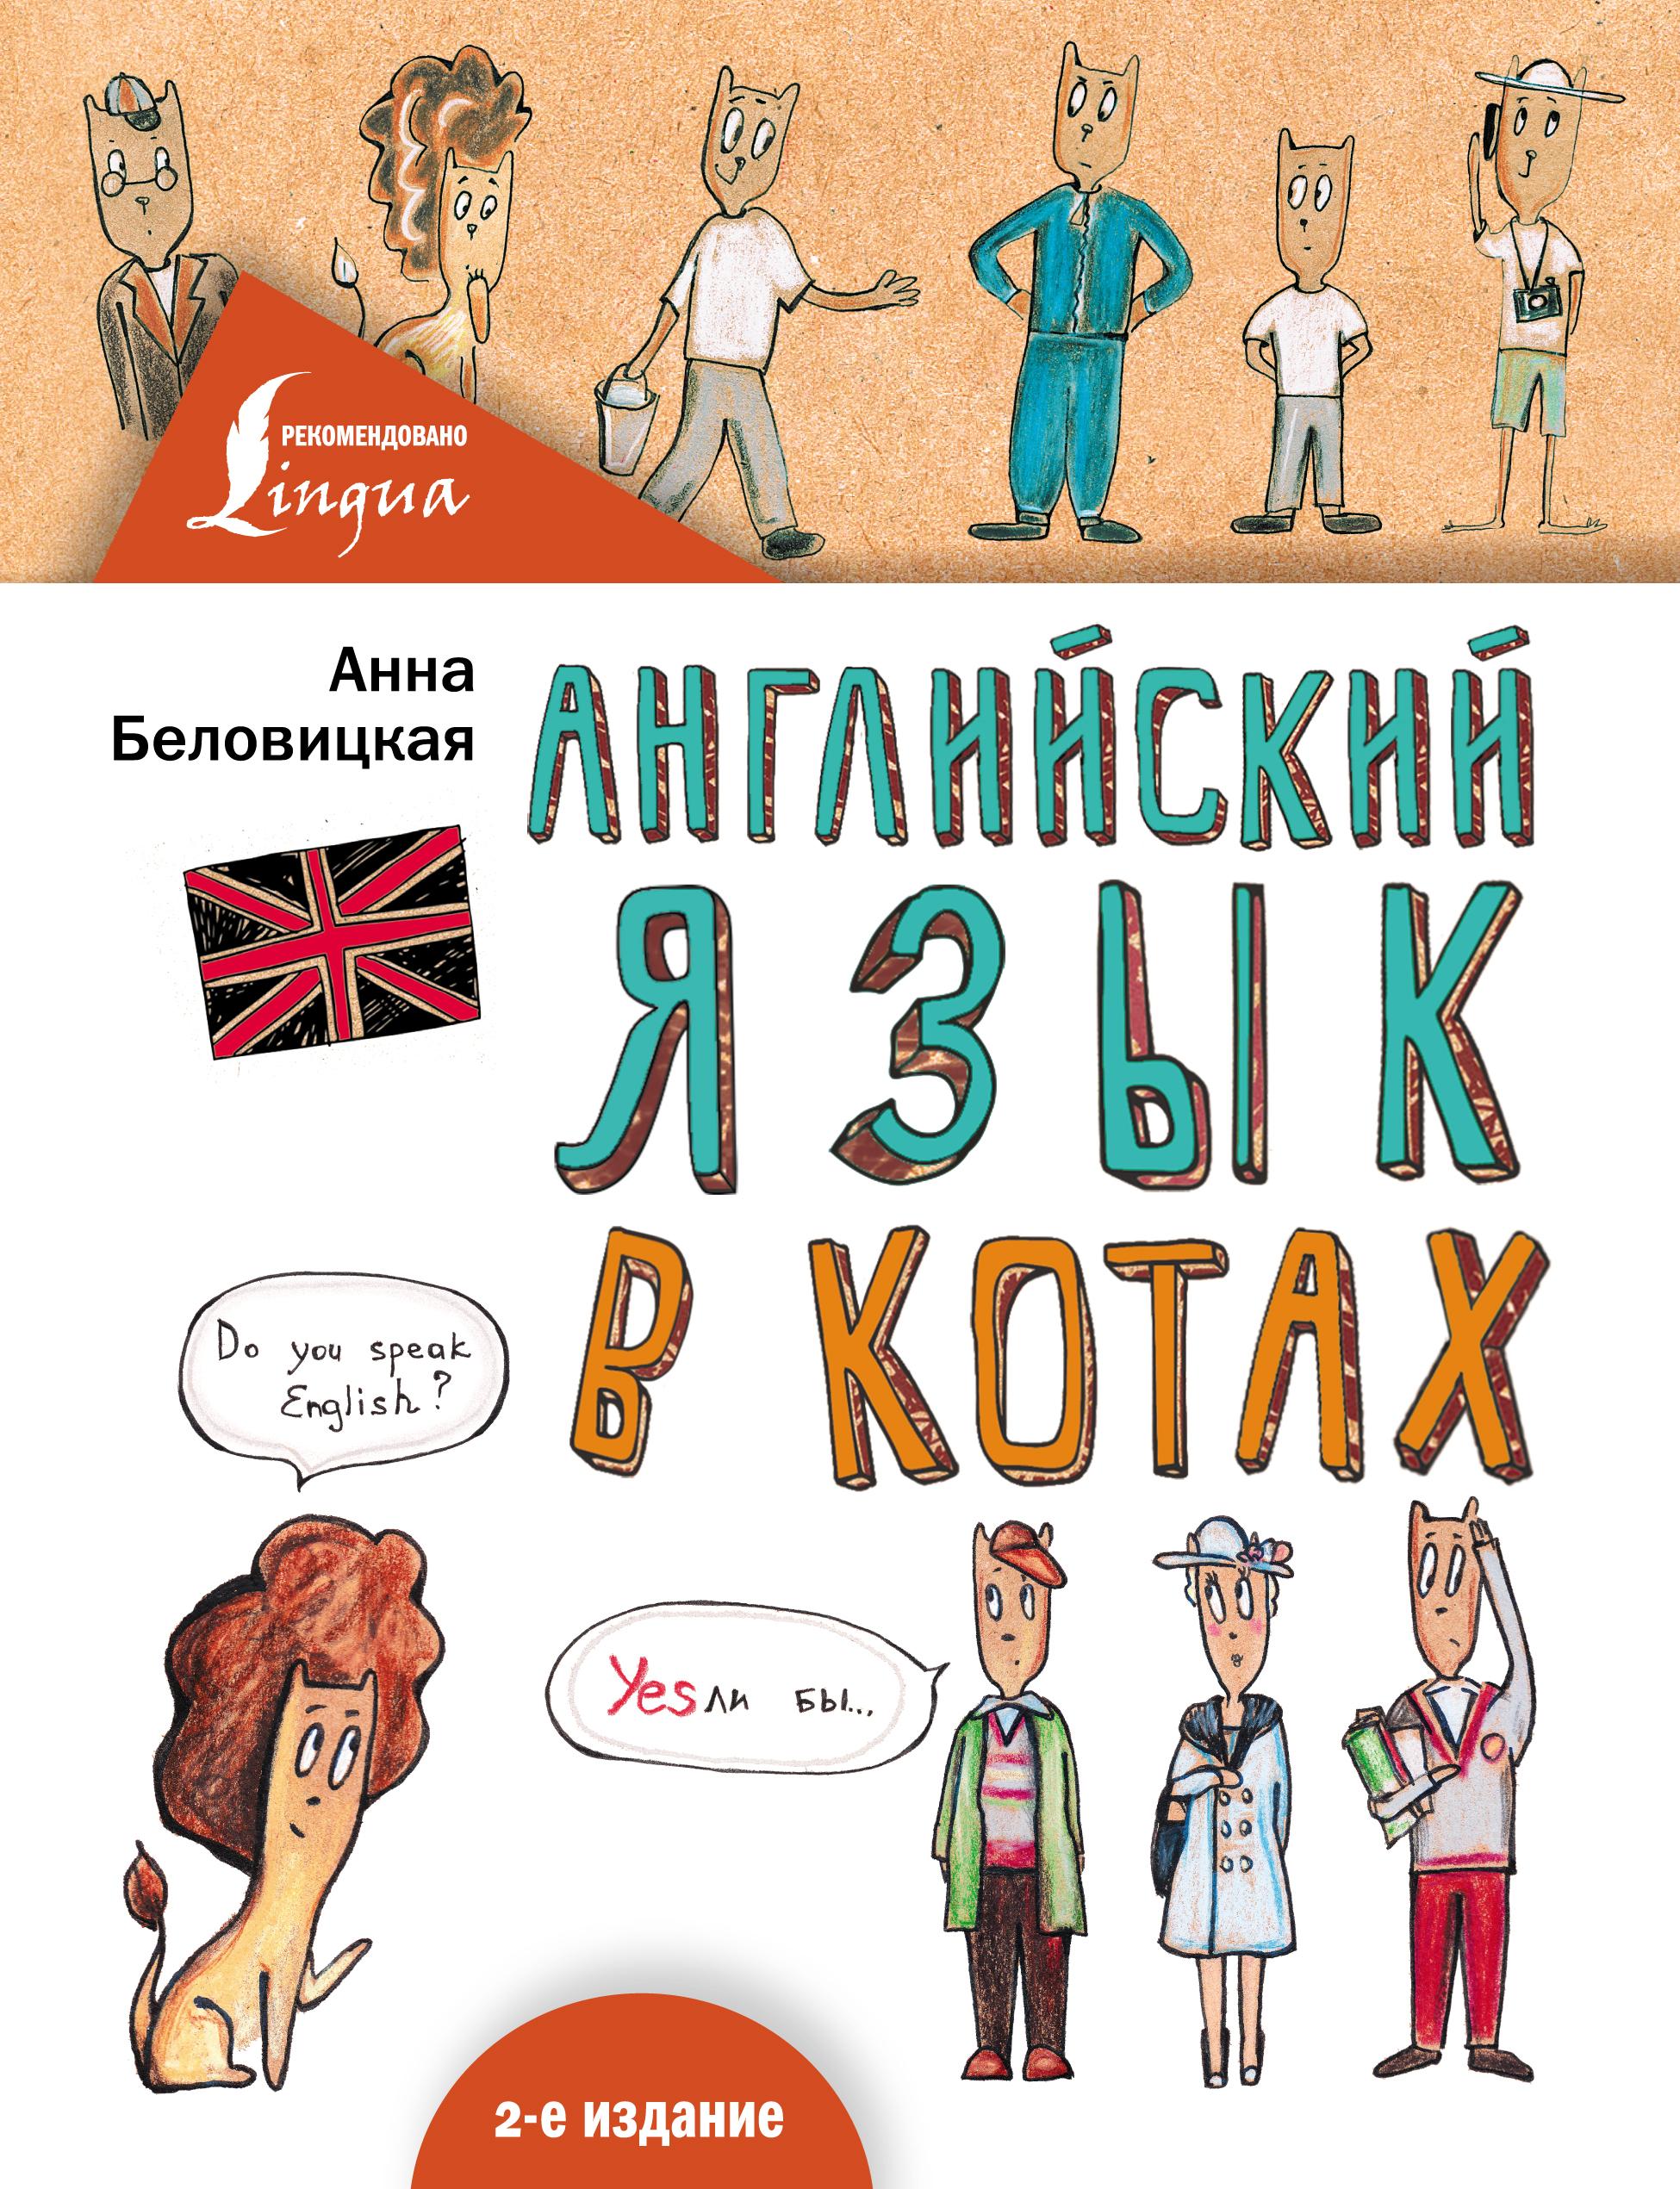 Анна Беловицкая Английский язык в КОТАХ